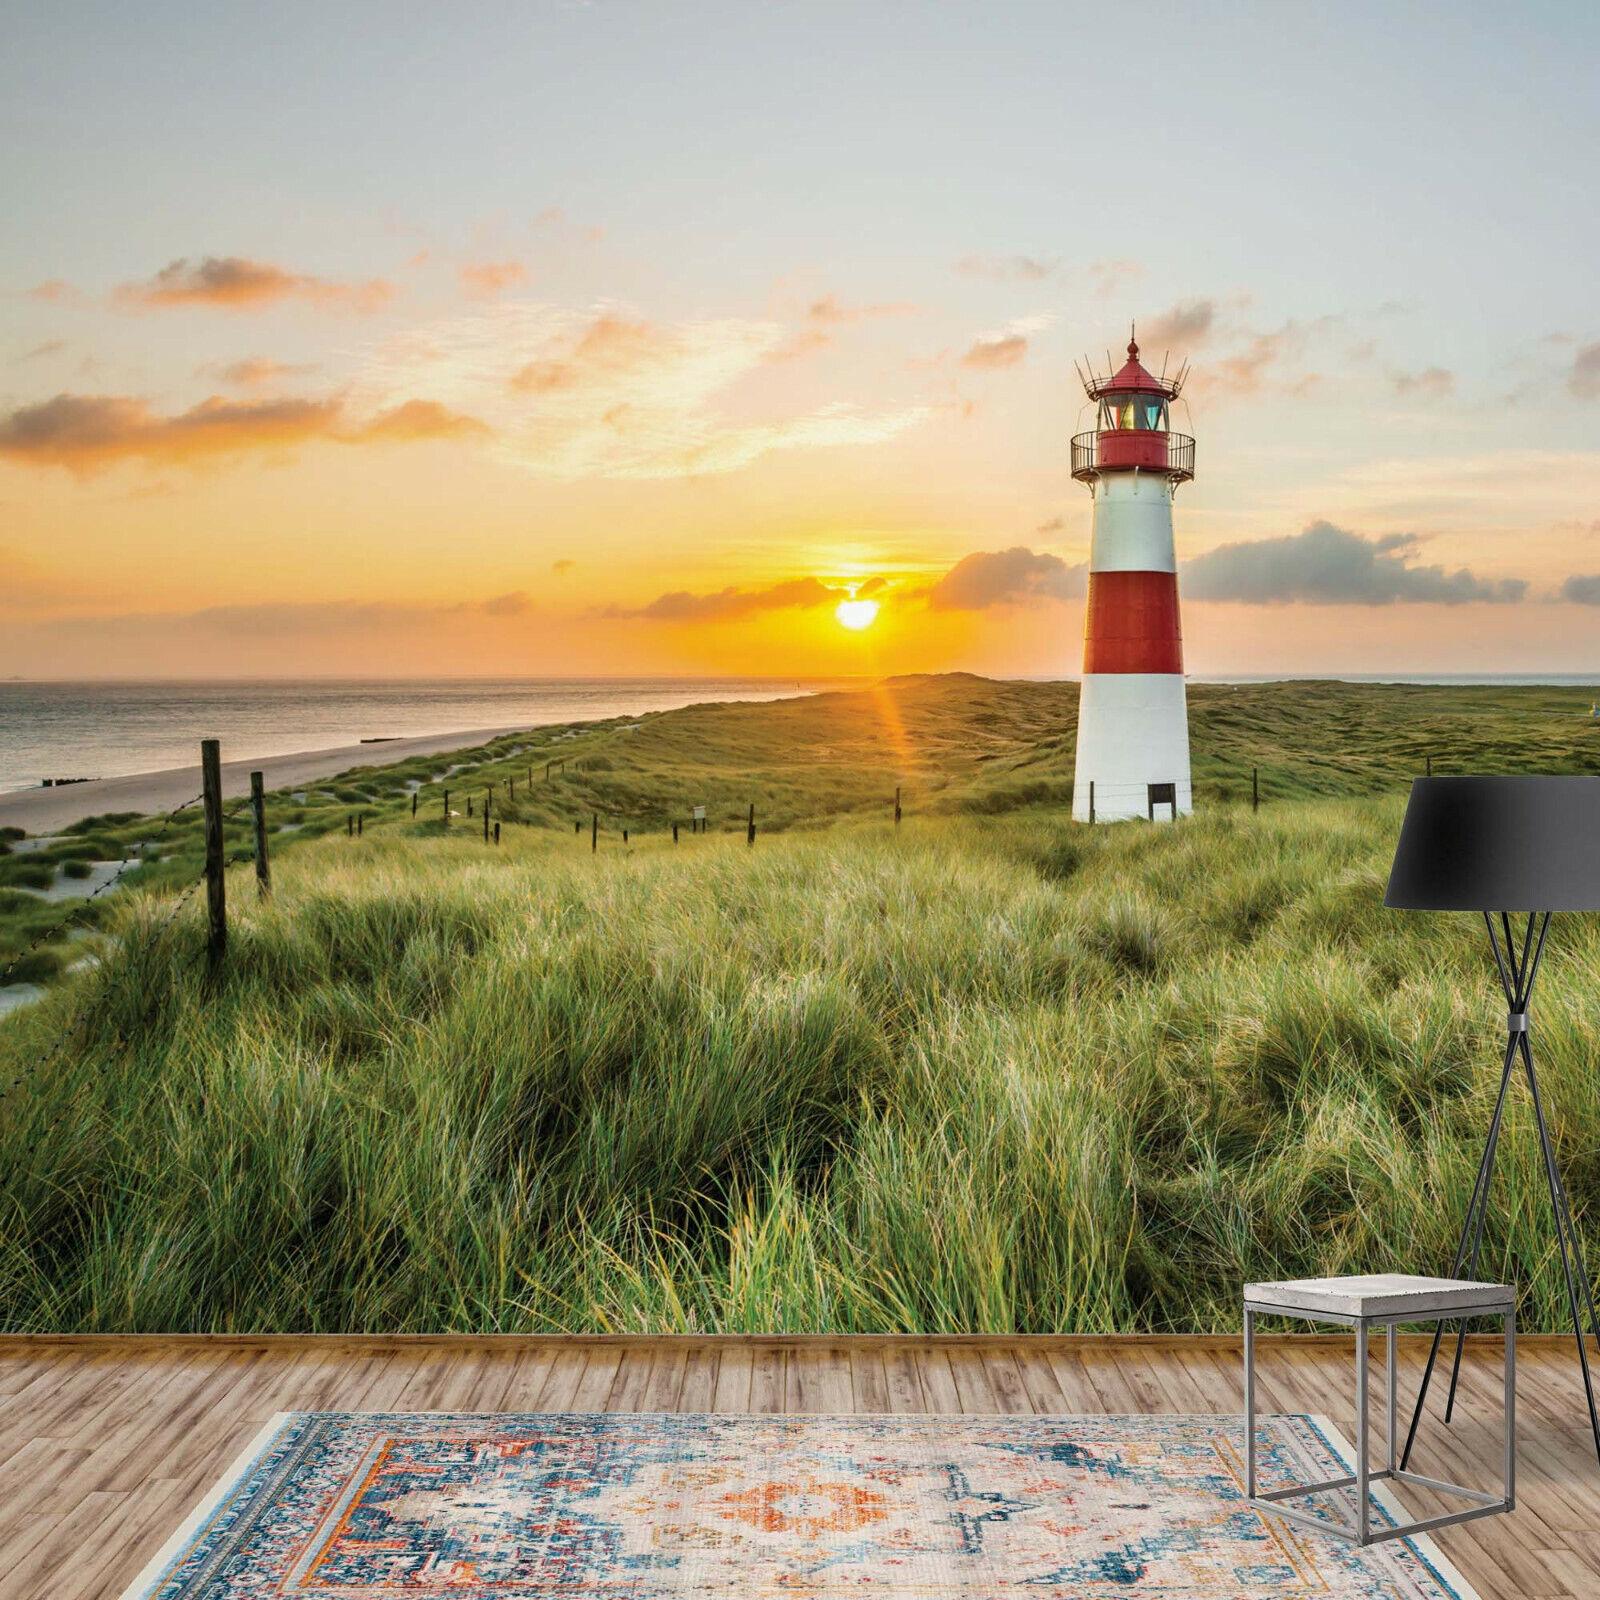 Tapete Fototapete Natur Maritim Meer Ozean Landschaft Leuchtturm Sonnenuntergang